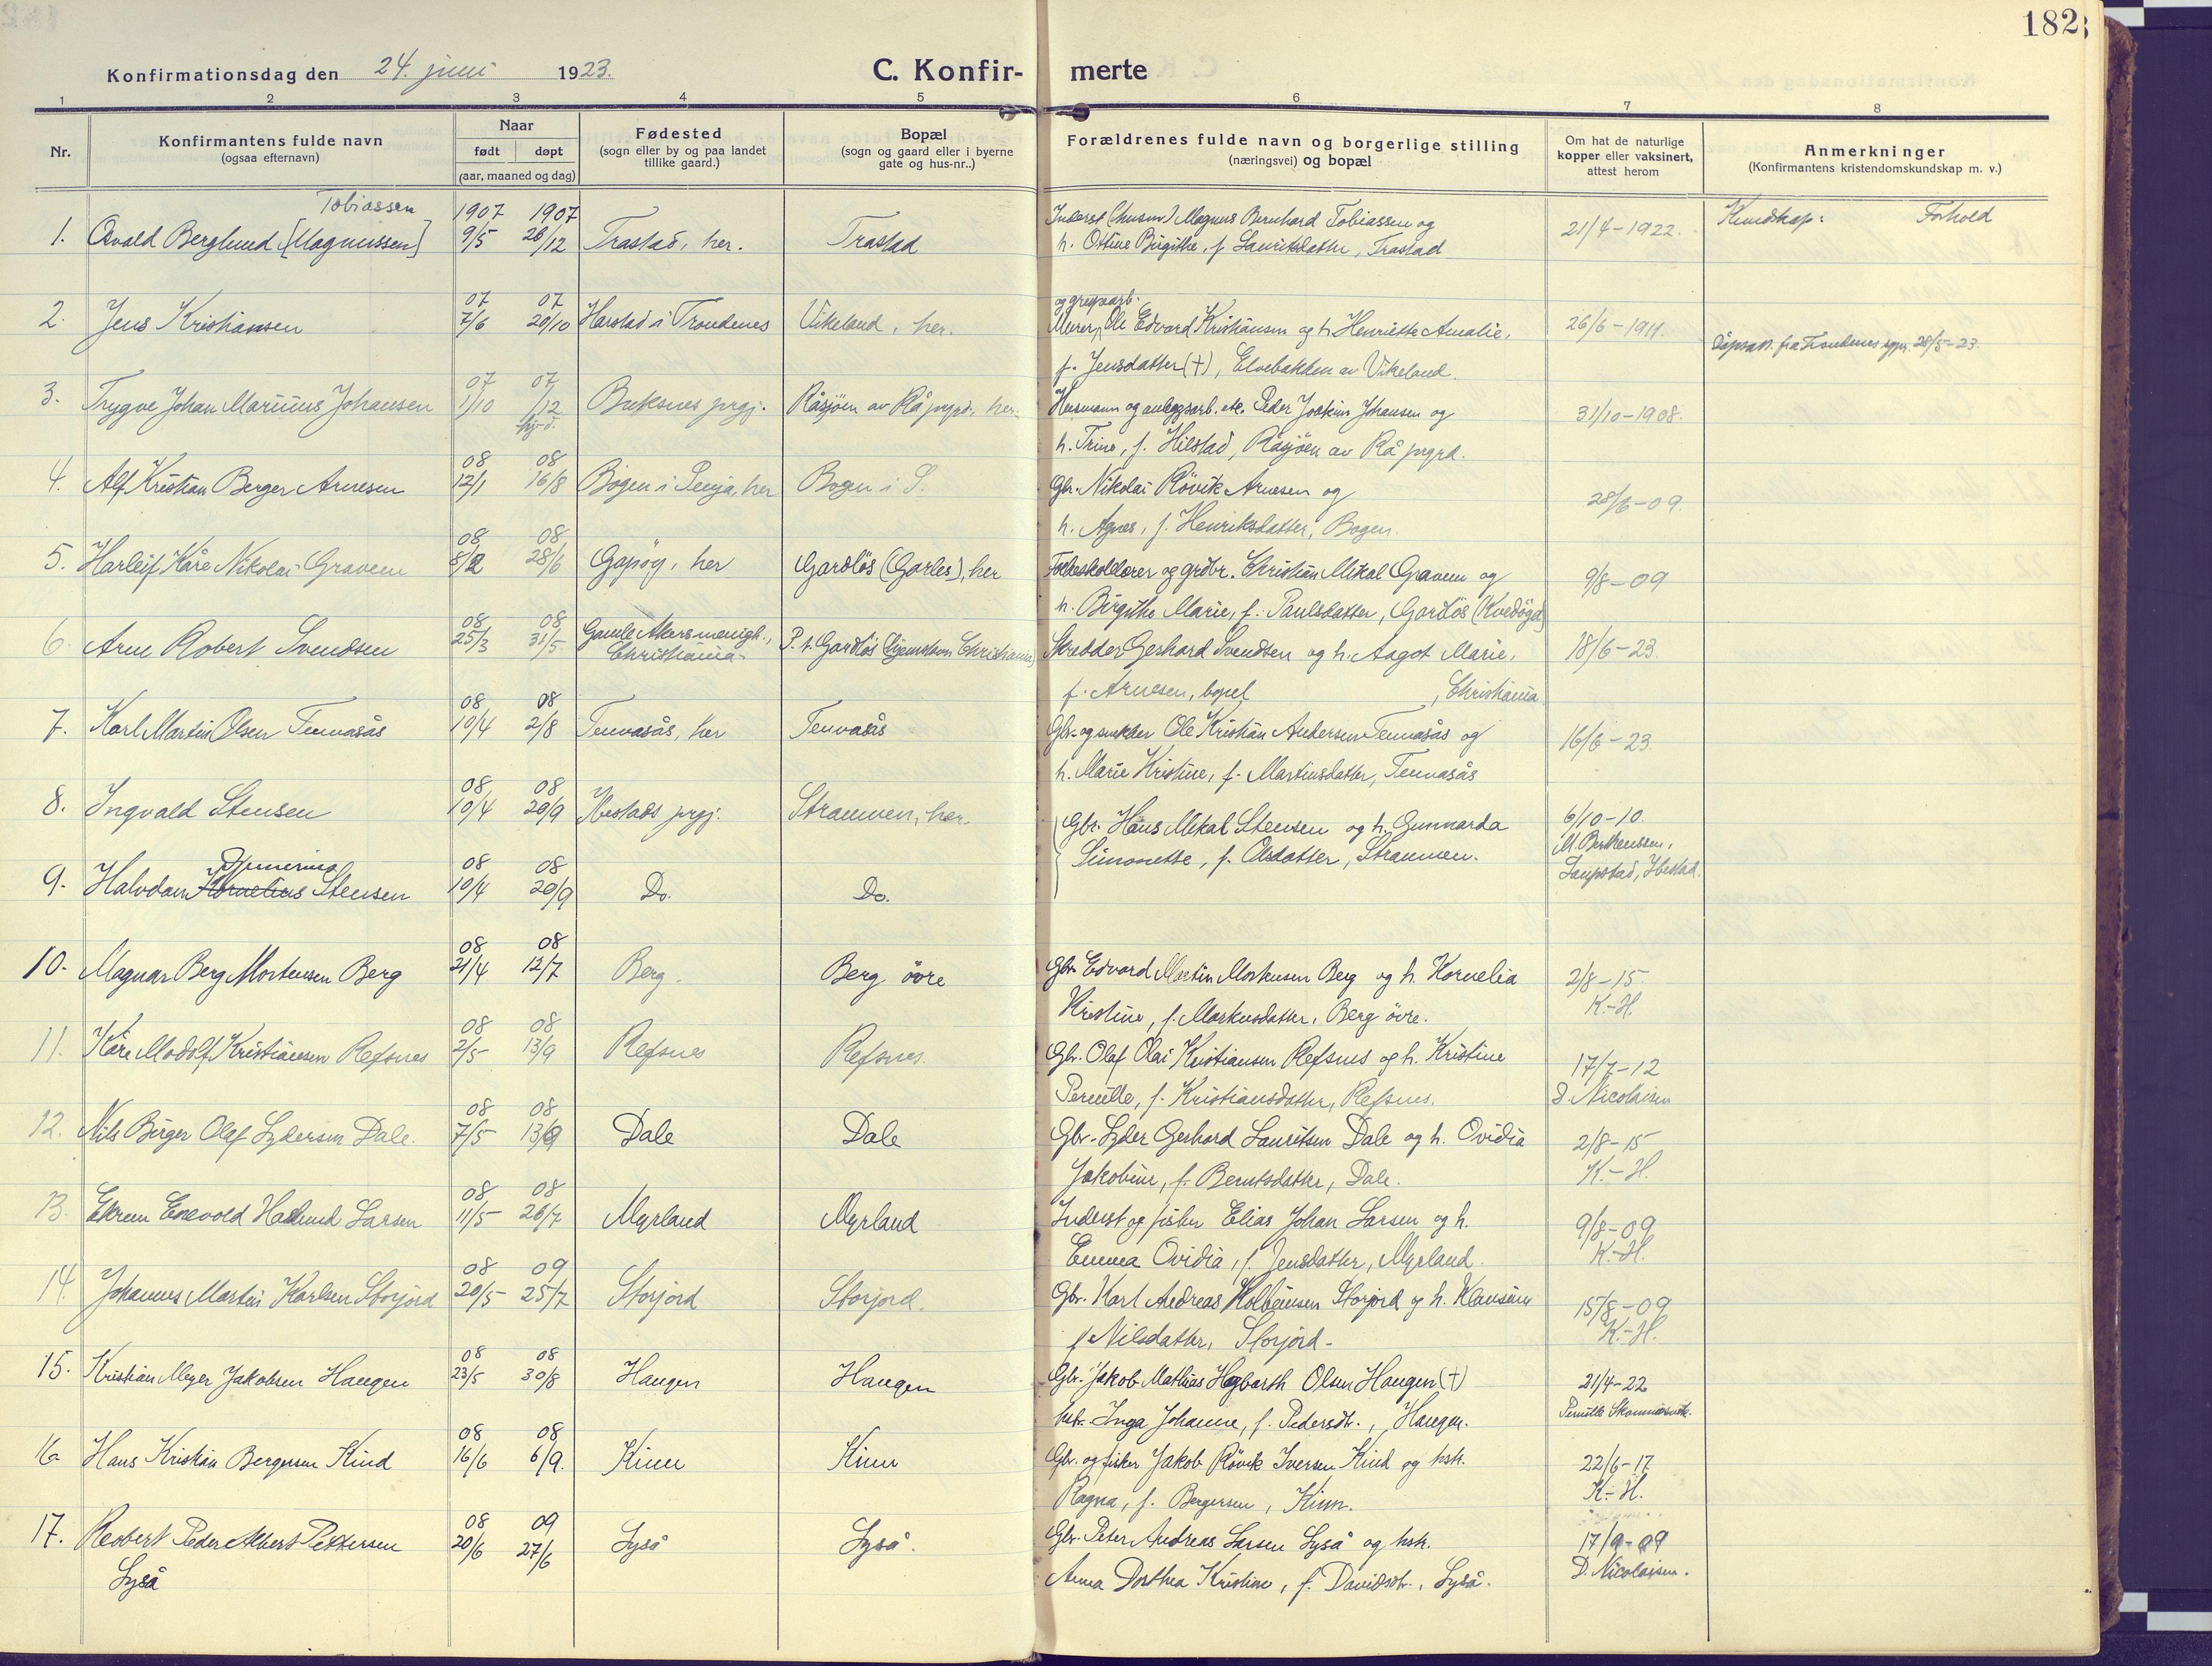 SATØ, Kvæfjord sokneprestkontor, G/Ga/Gaa/L0007kirke: Ministerialbok nr. 7, 1915-1931, s. 182